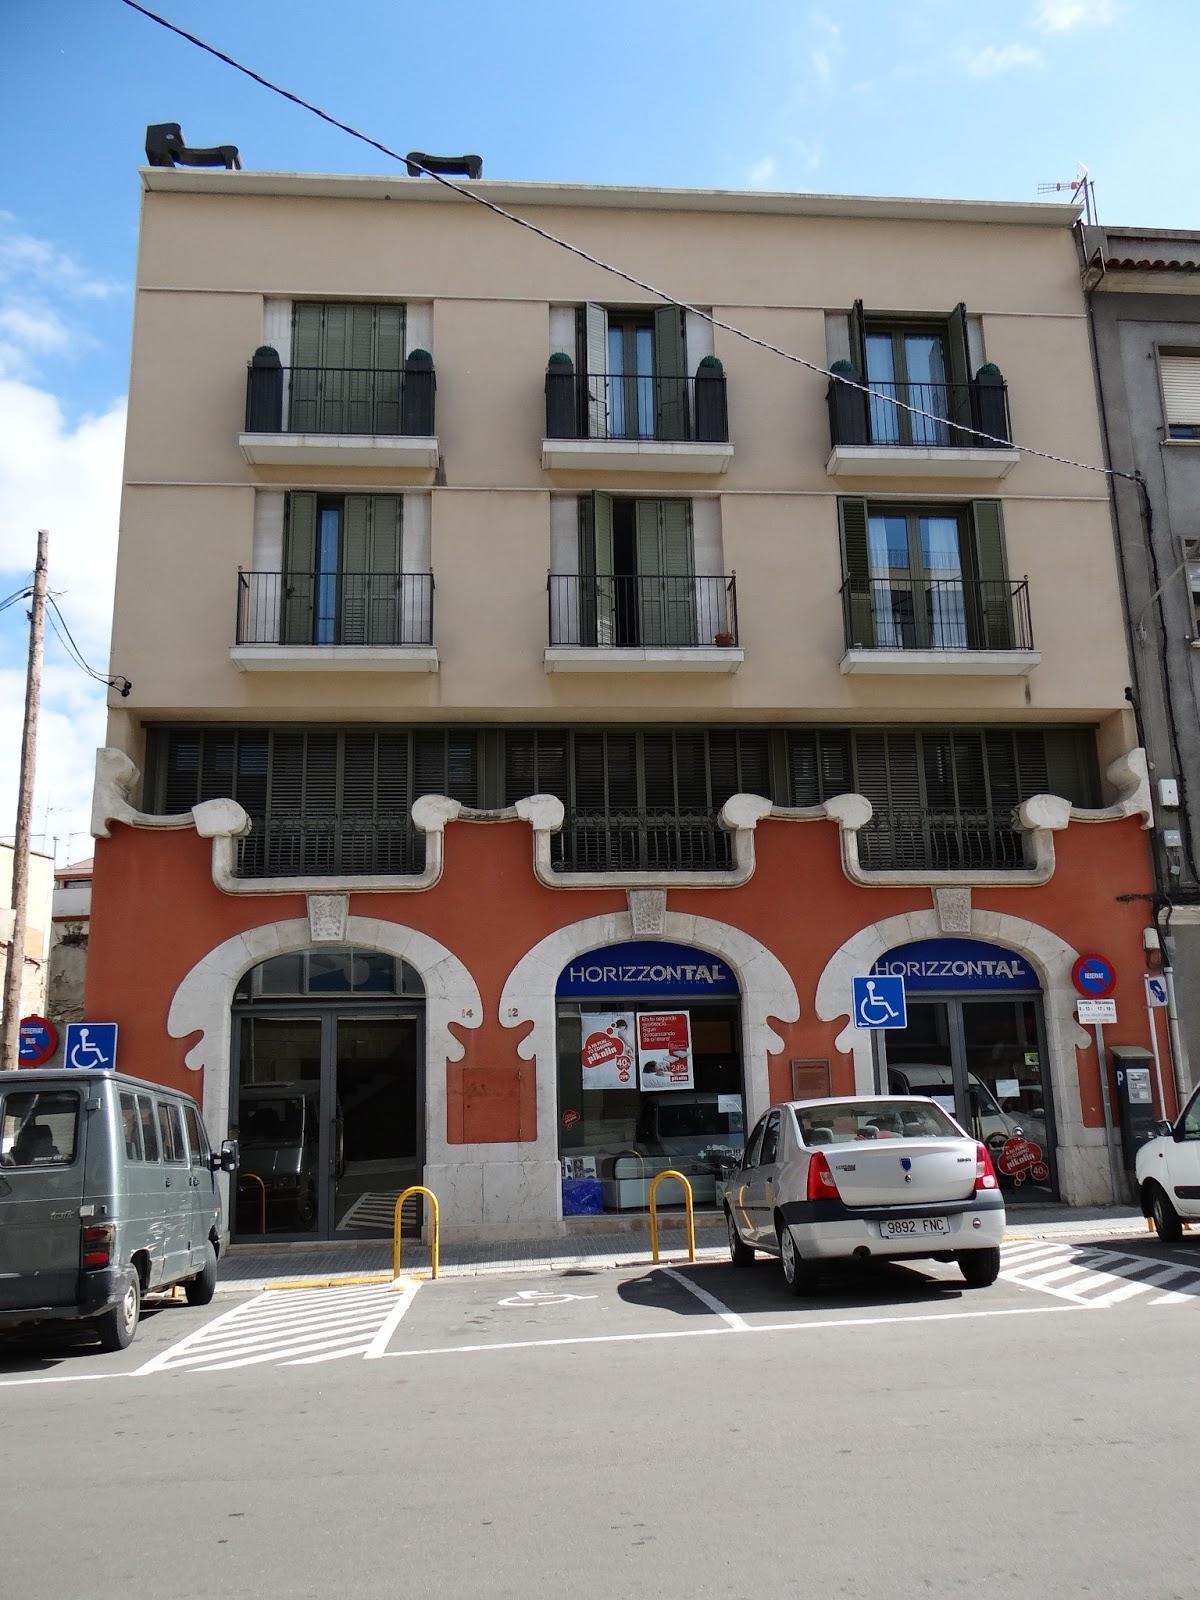 Tot son punts de vista magatzem de mag figueres i for Morato vilafranca